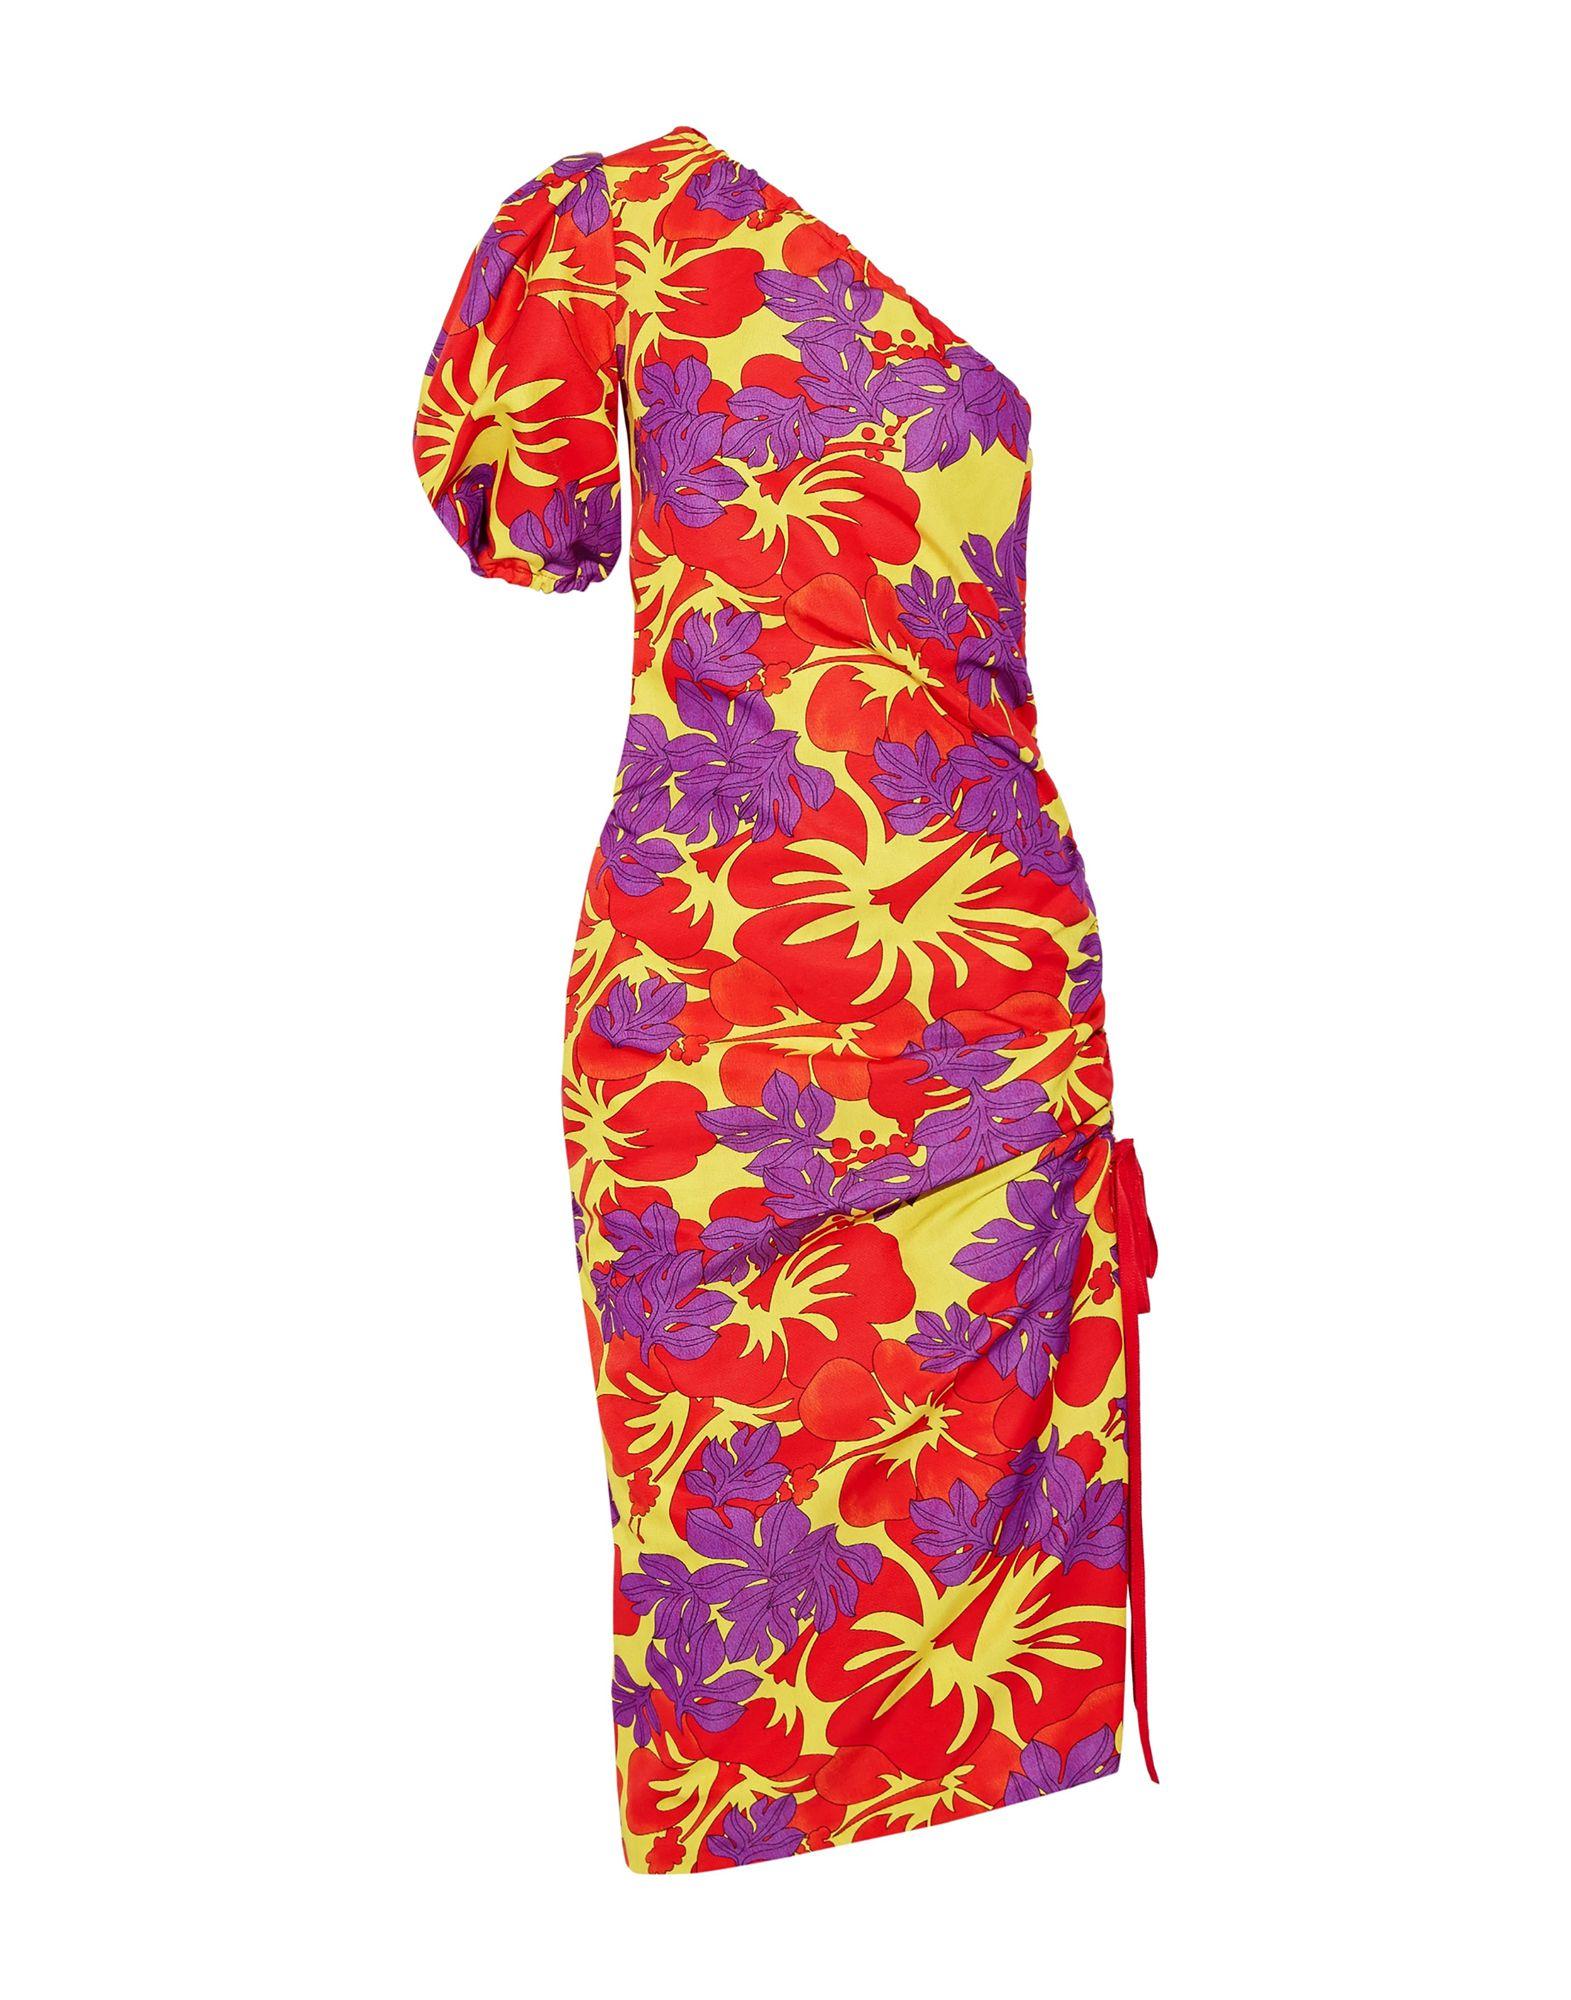 ROSIE ASSOULIN Платье длиной 3/4 малого сексуально женщин от летних моды случайных плечо мини платье